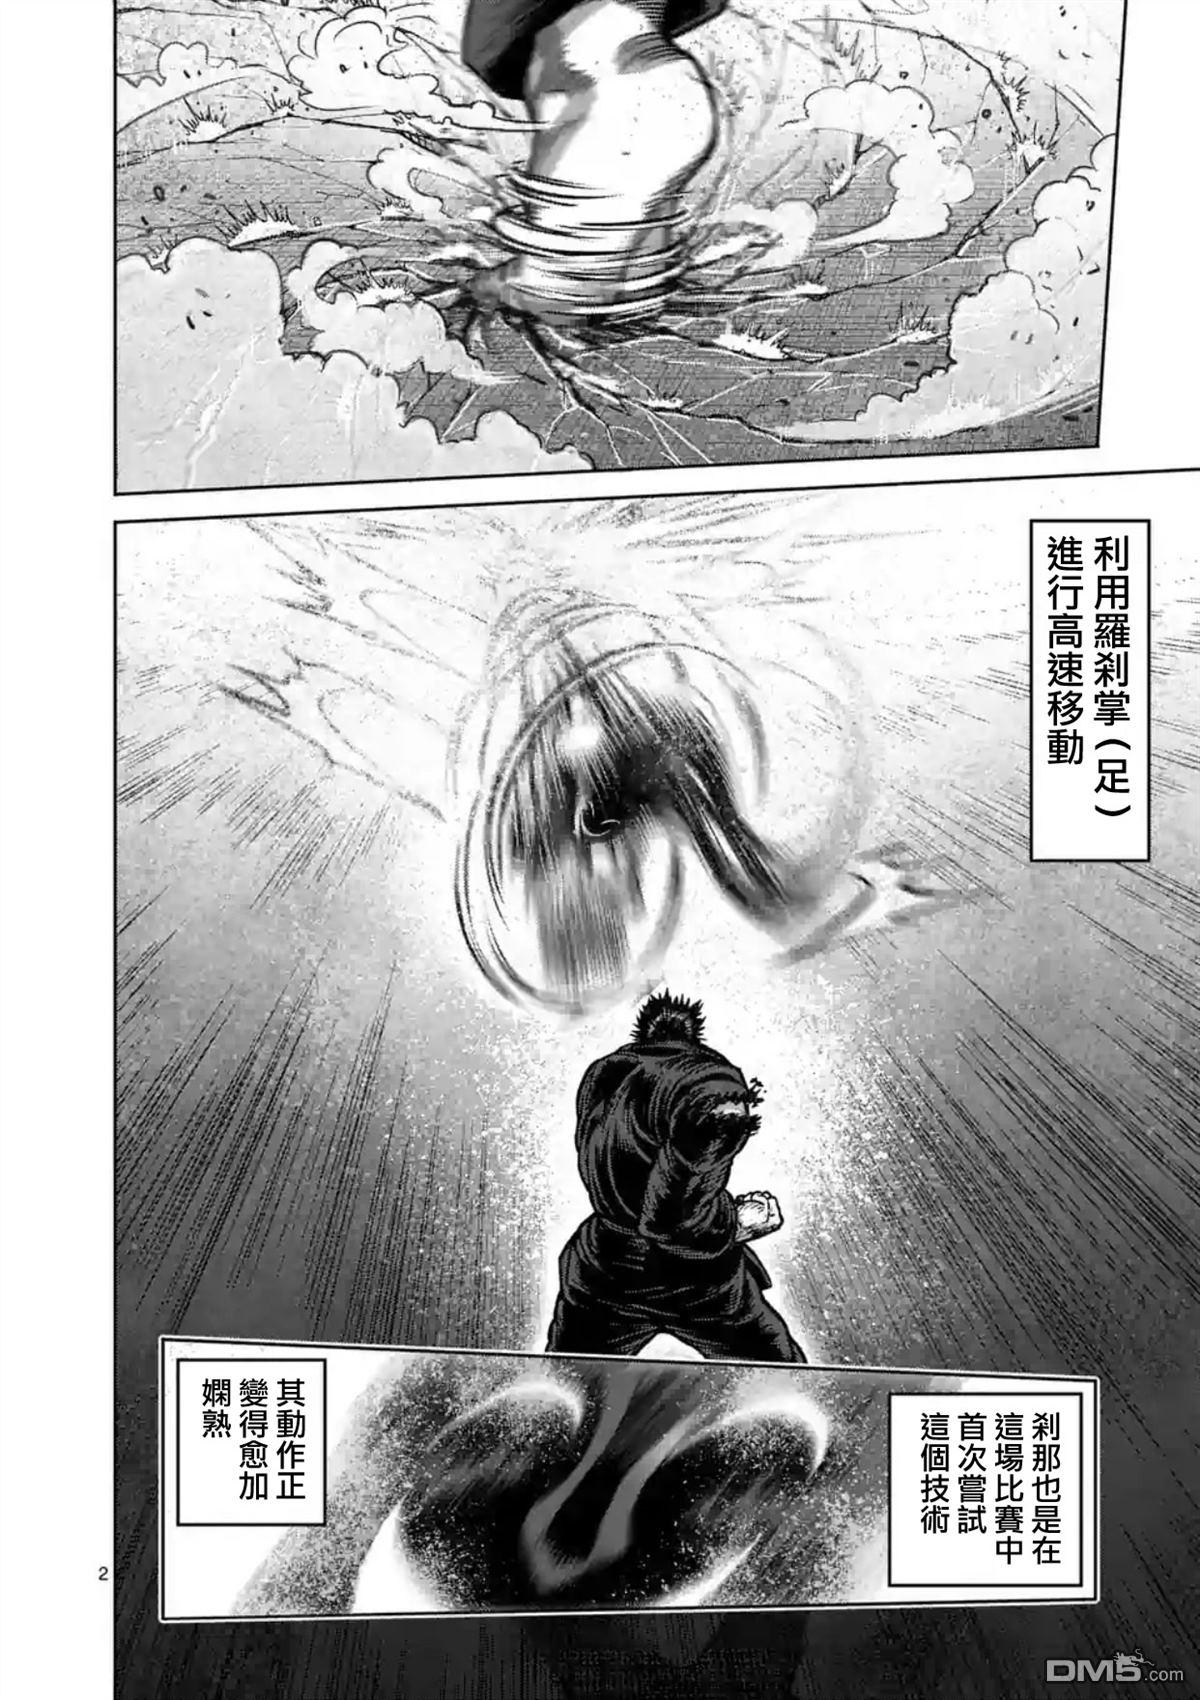 拳願阿修羅漫畫拳願阿修羅第157話(第1頁)劇情-二次元動漫